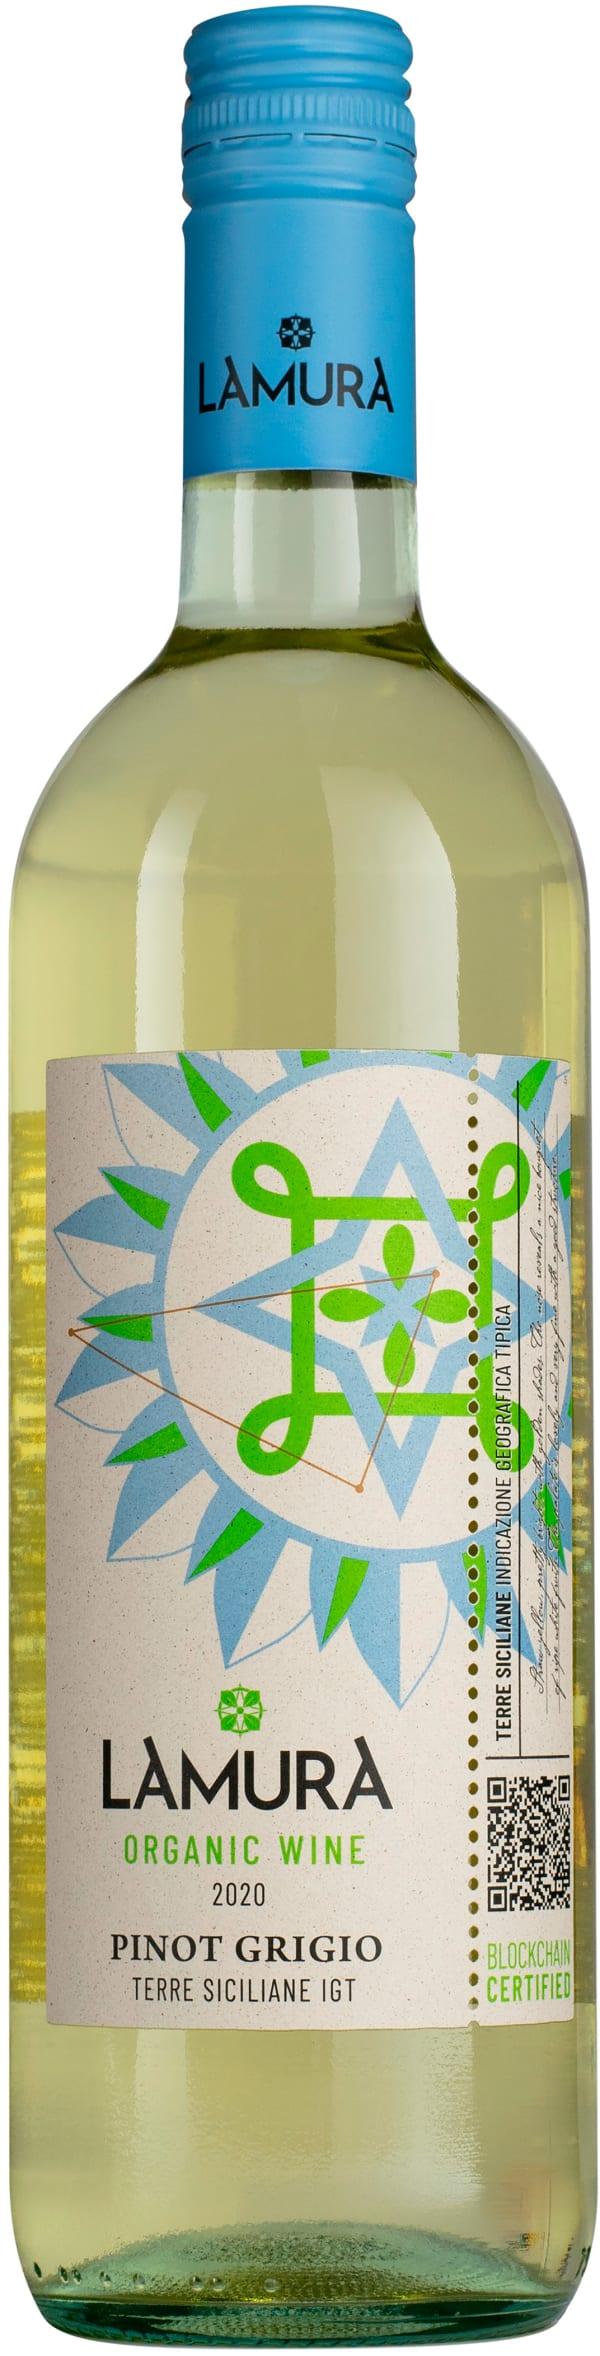 Lamura Pinot Grigio Organic 2020